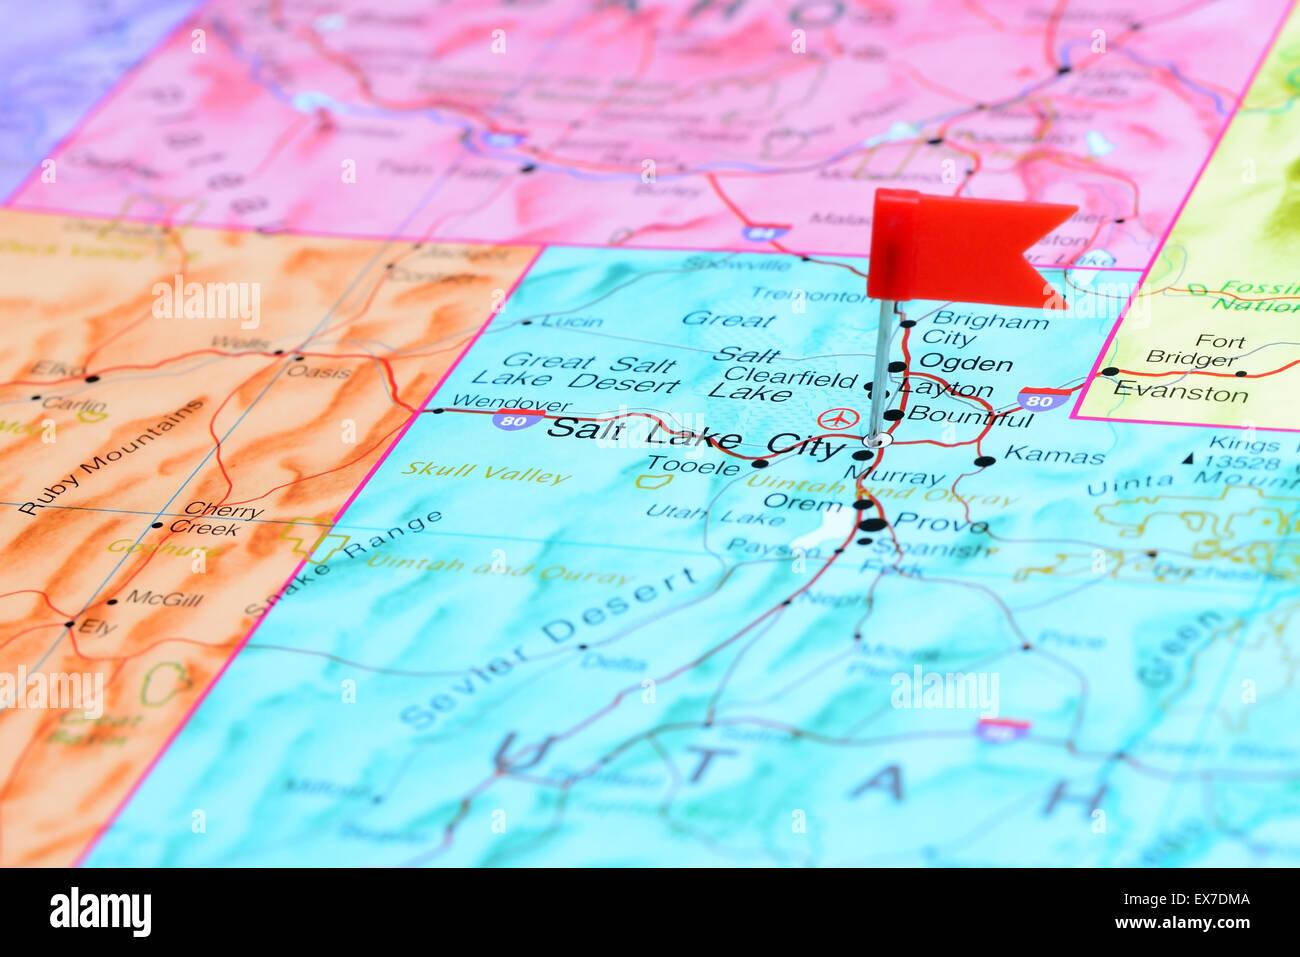 Salt Lake City pinned on a map of USA Stock Photo: 84986954 ... Salt Lake City Usa Map on usa map san francisco, usa map buffalo, usa map united states, usa map orange county, usa map fort lauderdale, usa map grand rapids, usa map las vegas, usa map santa fe, usa map chattanooga, usa map tampa, usa map moab, usa map with states, usa map great salt lake, usa map harrisburg, usa map cincinnati, usa map savannah, usa map wichita, usa map charleston, usa map fort worth, usa map guam,